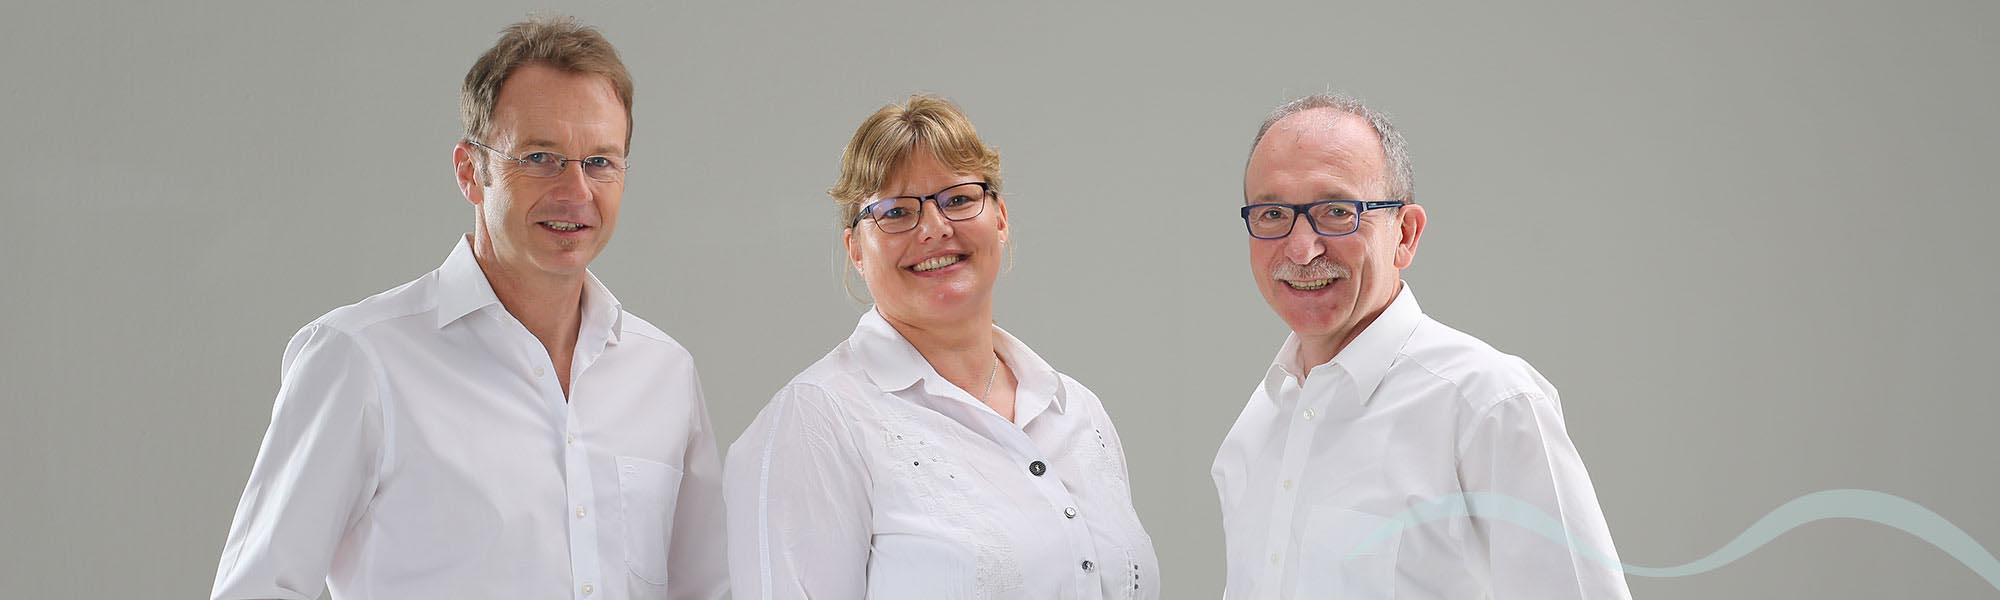 Zahnarzt Dr. Holler und Kollegen in Arzberg Fichtelgebirge Leistung Hochwertiger Zahnersatz